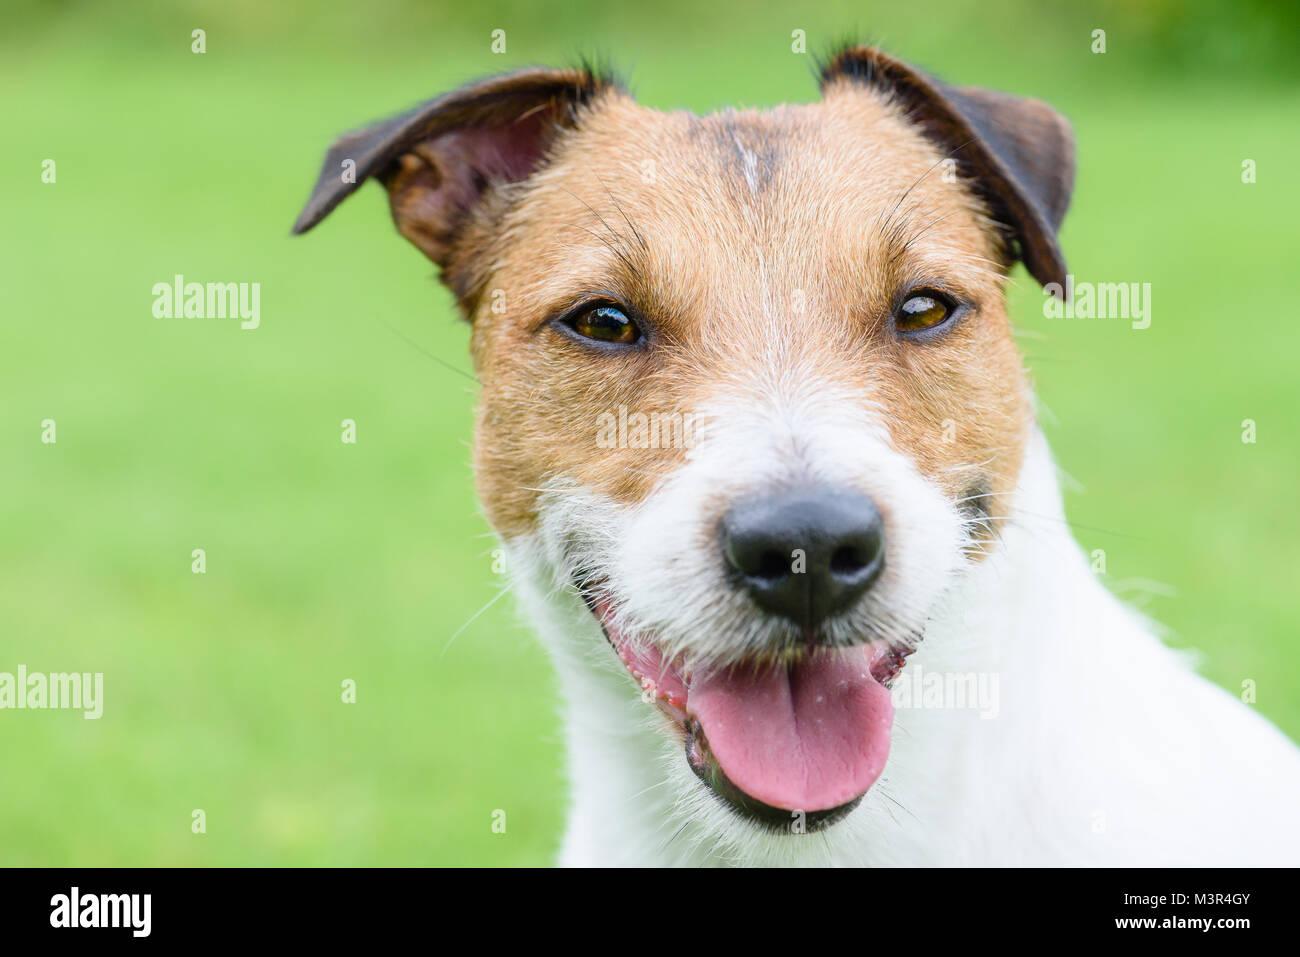 Retrato de perro alegre y contento con astucia ver Imagen De Stock